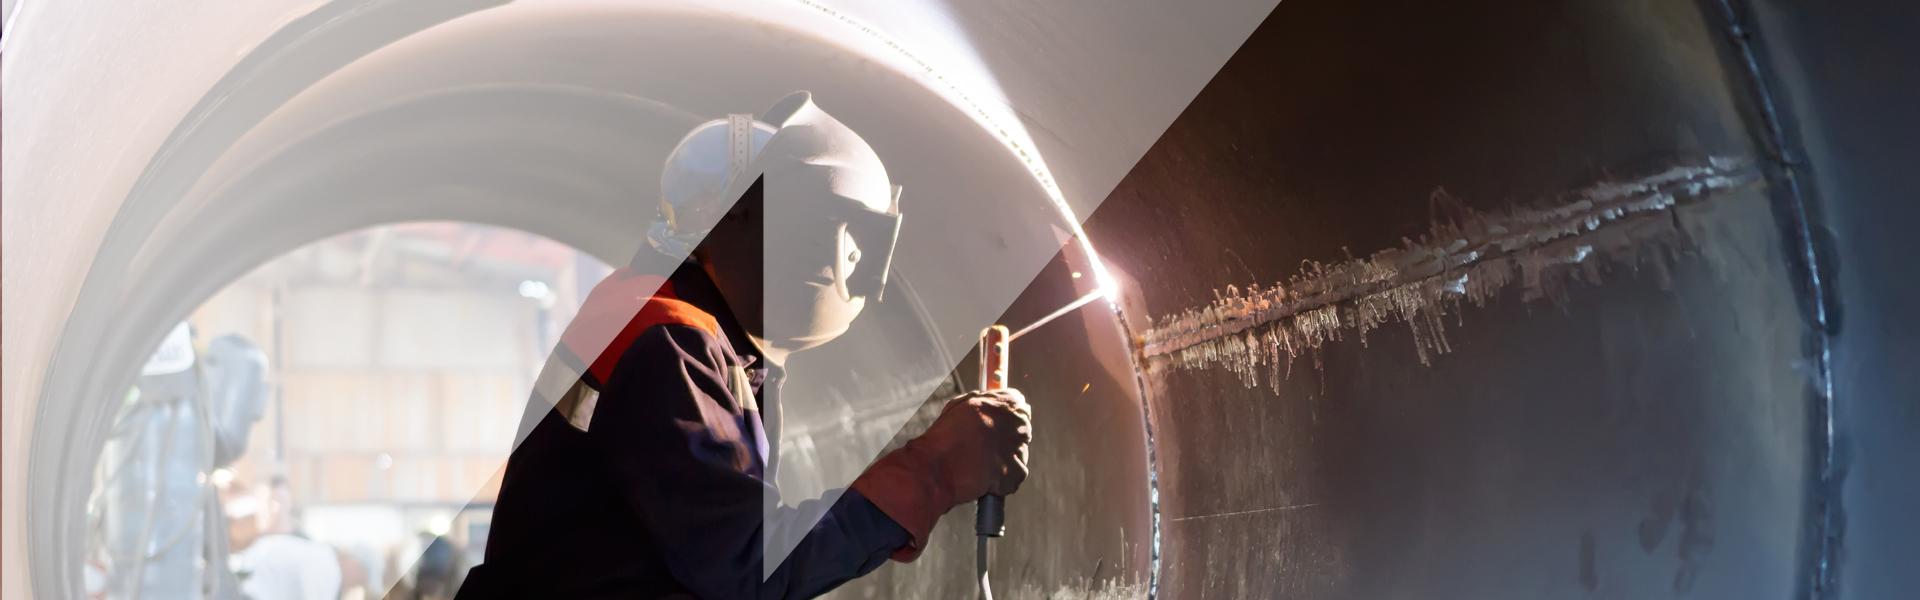 welding_wm